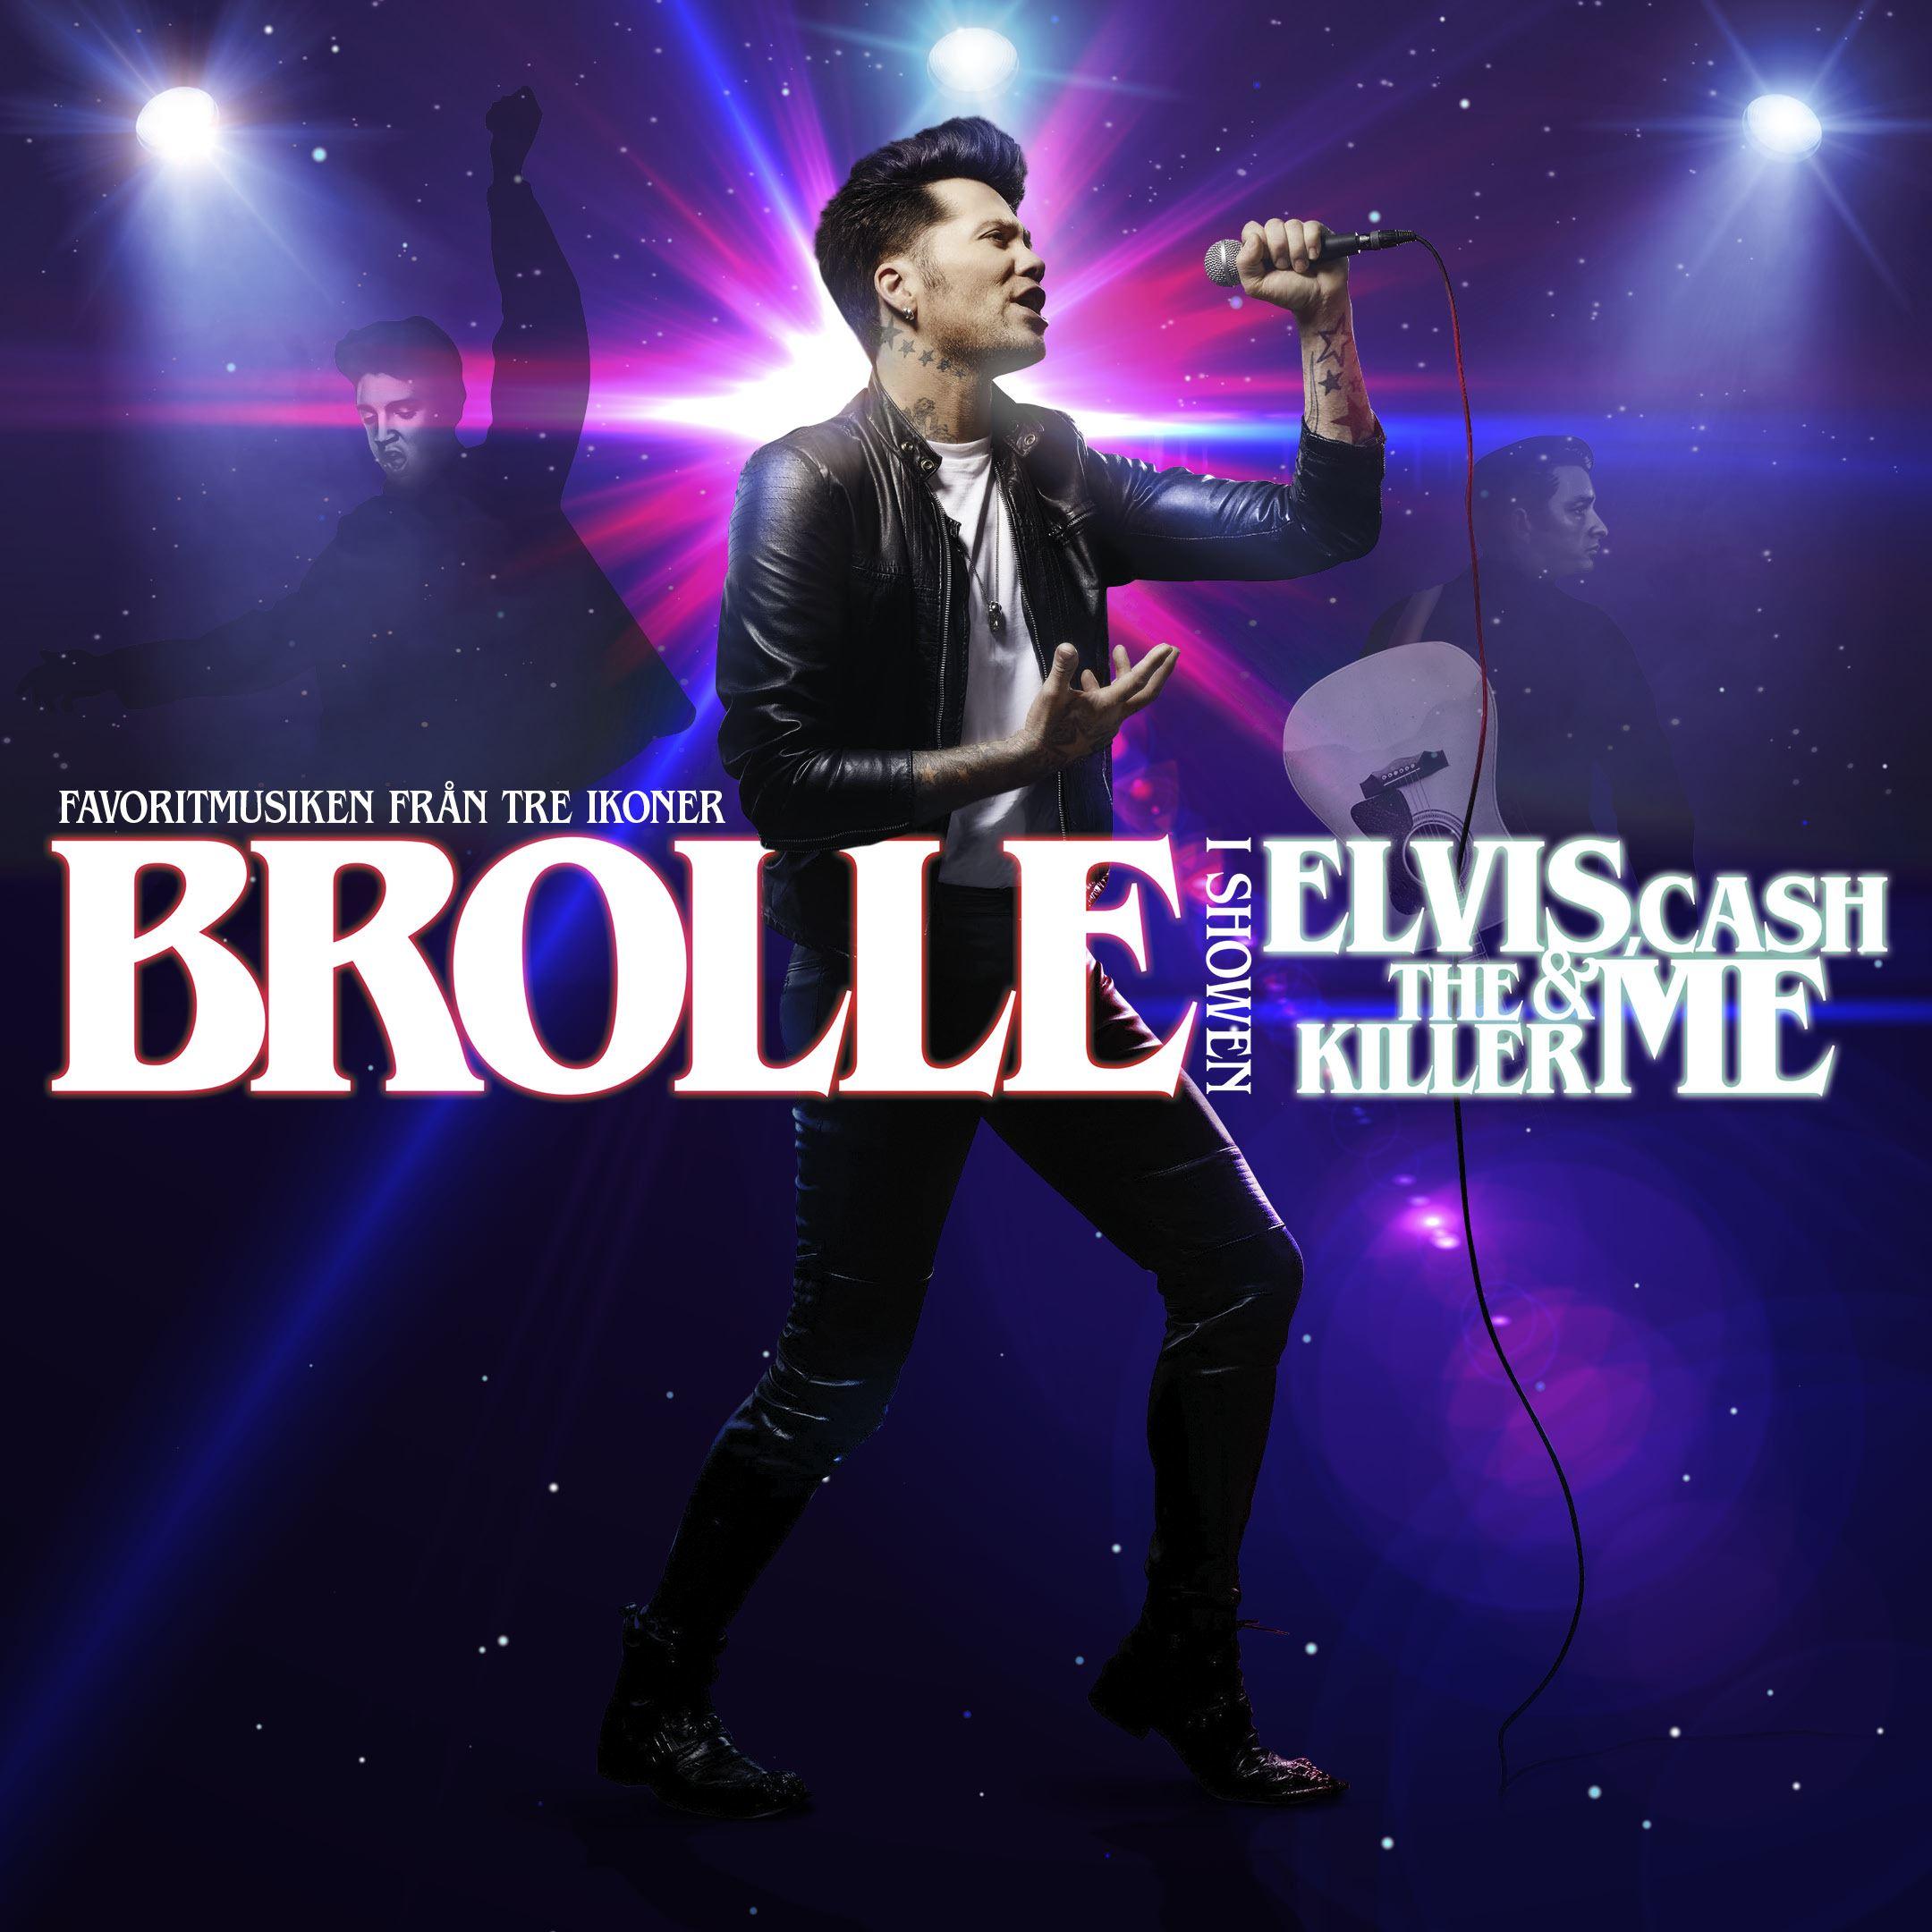 BROLLE, Elvis, Cash, The Killer & Me